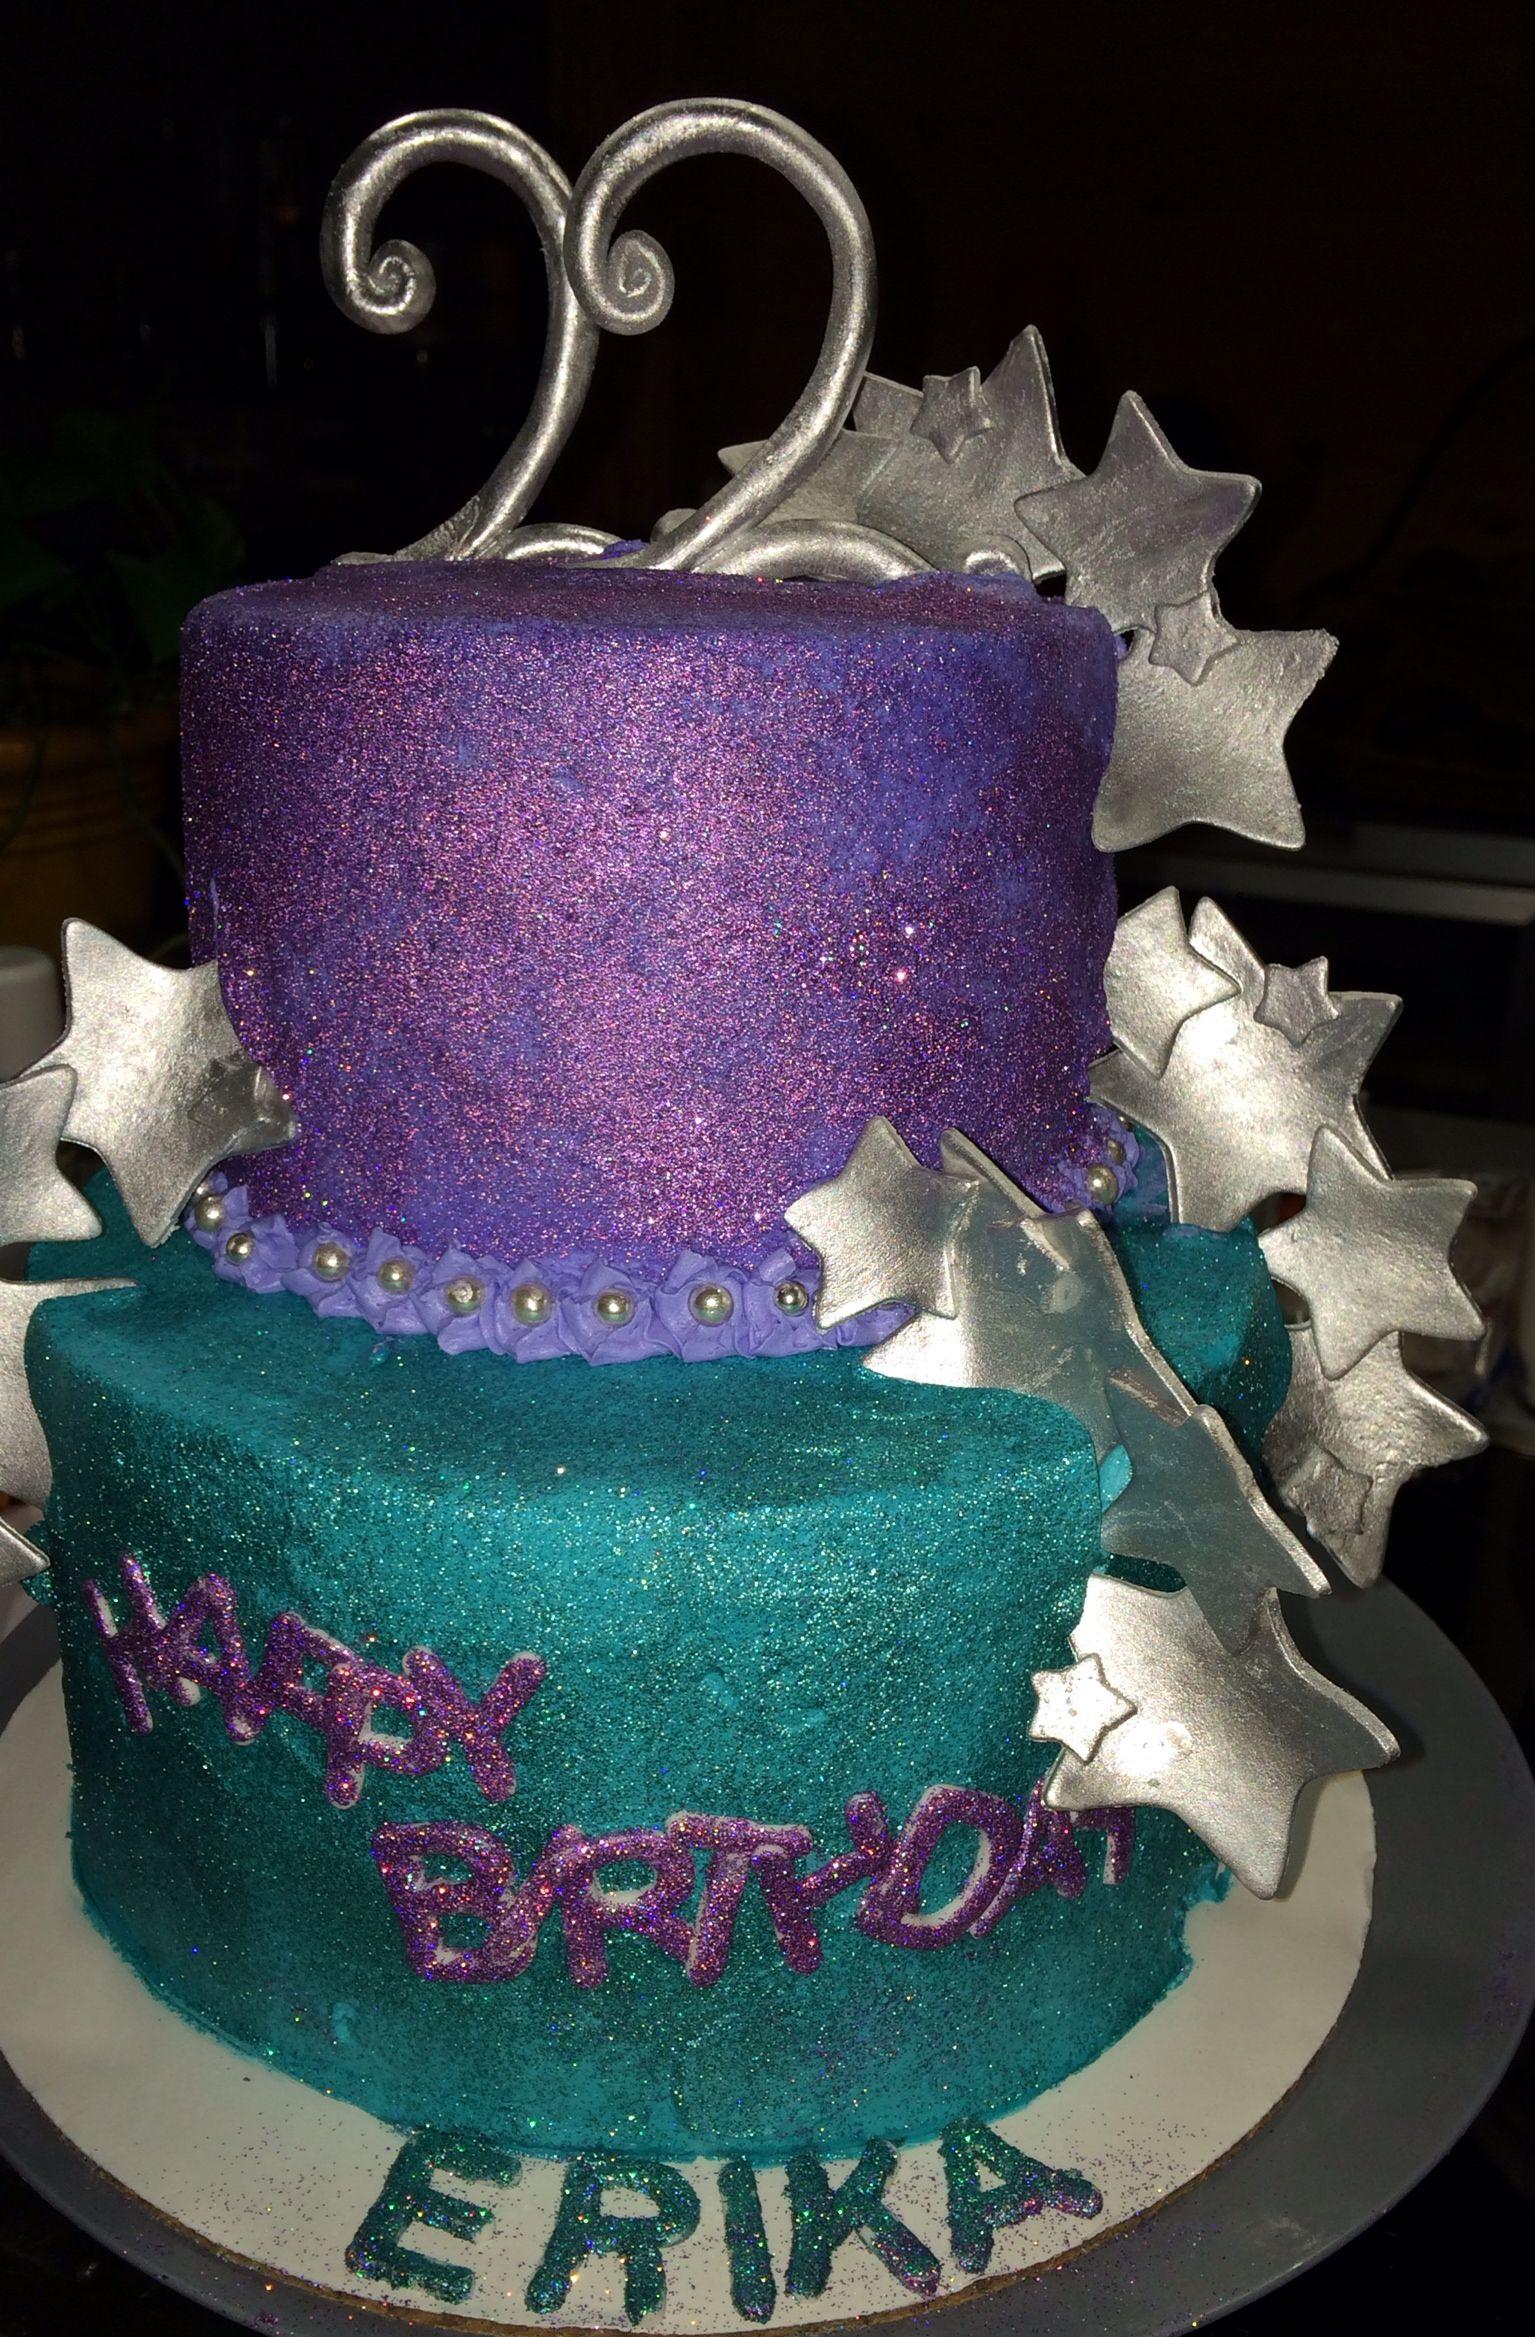 22nd Birthday Cake Birthday Cakes Pinterest 22nd Birthday